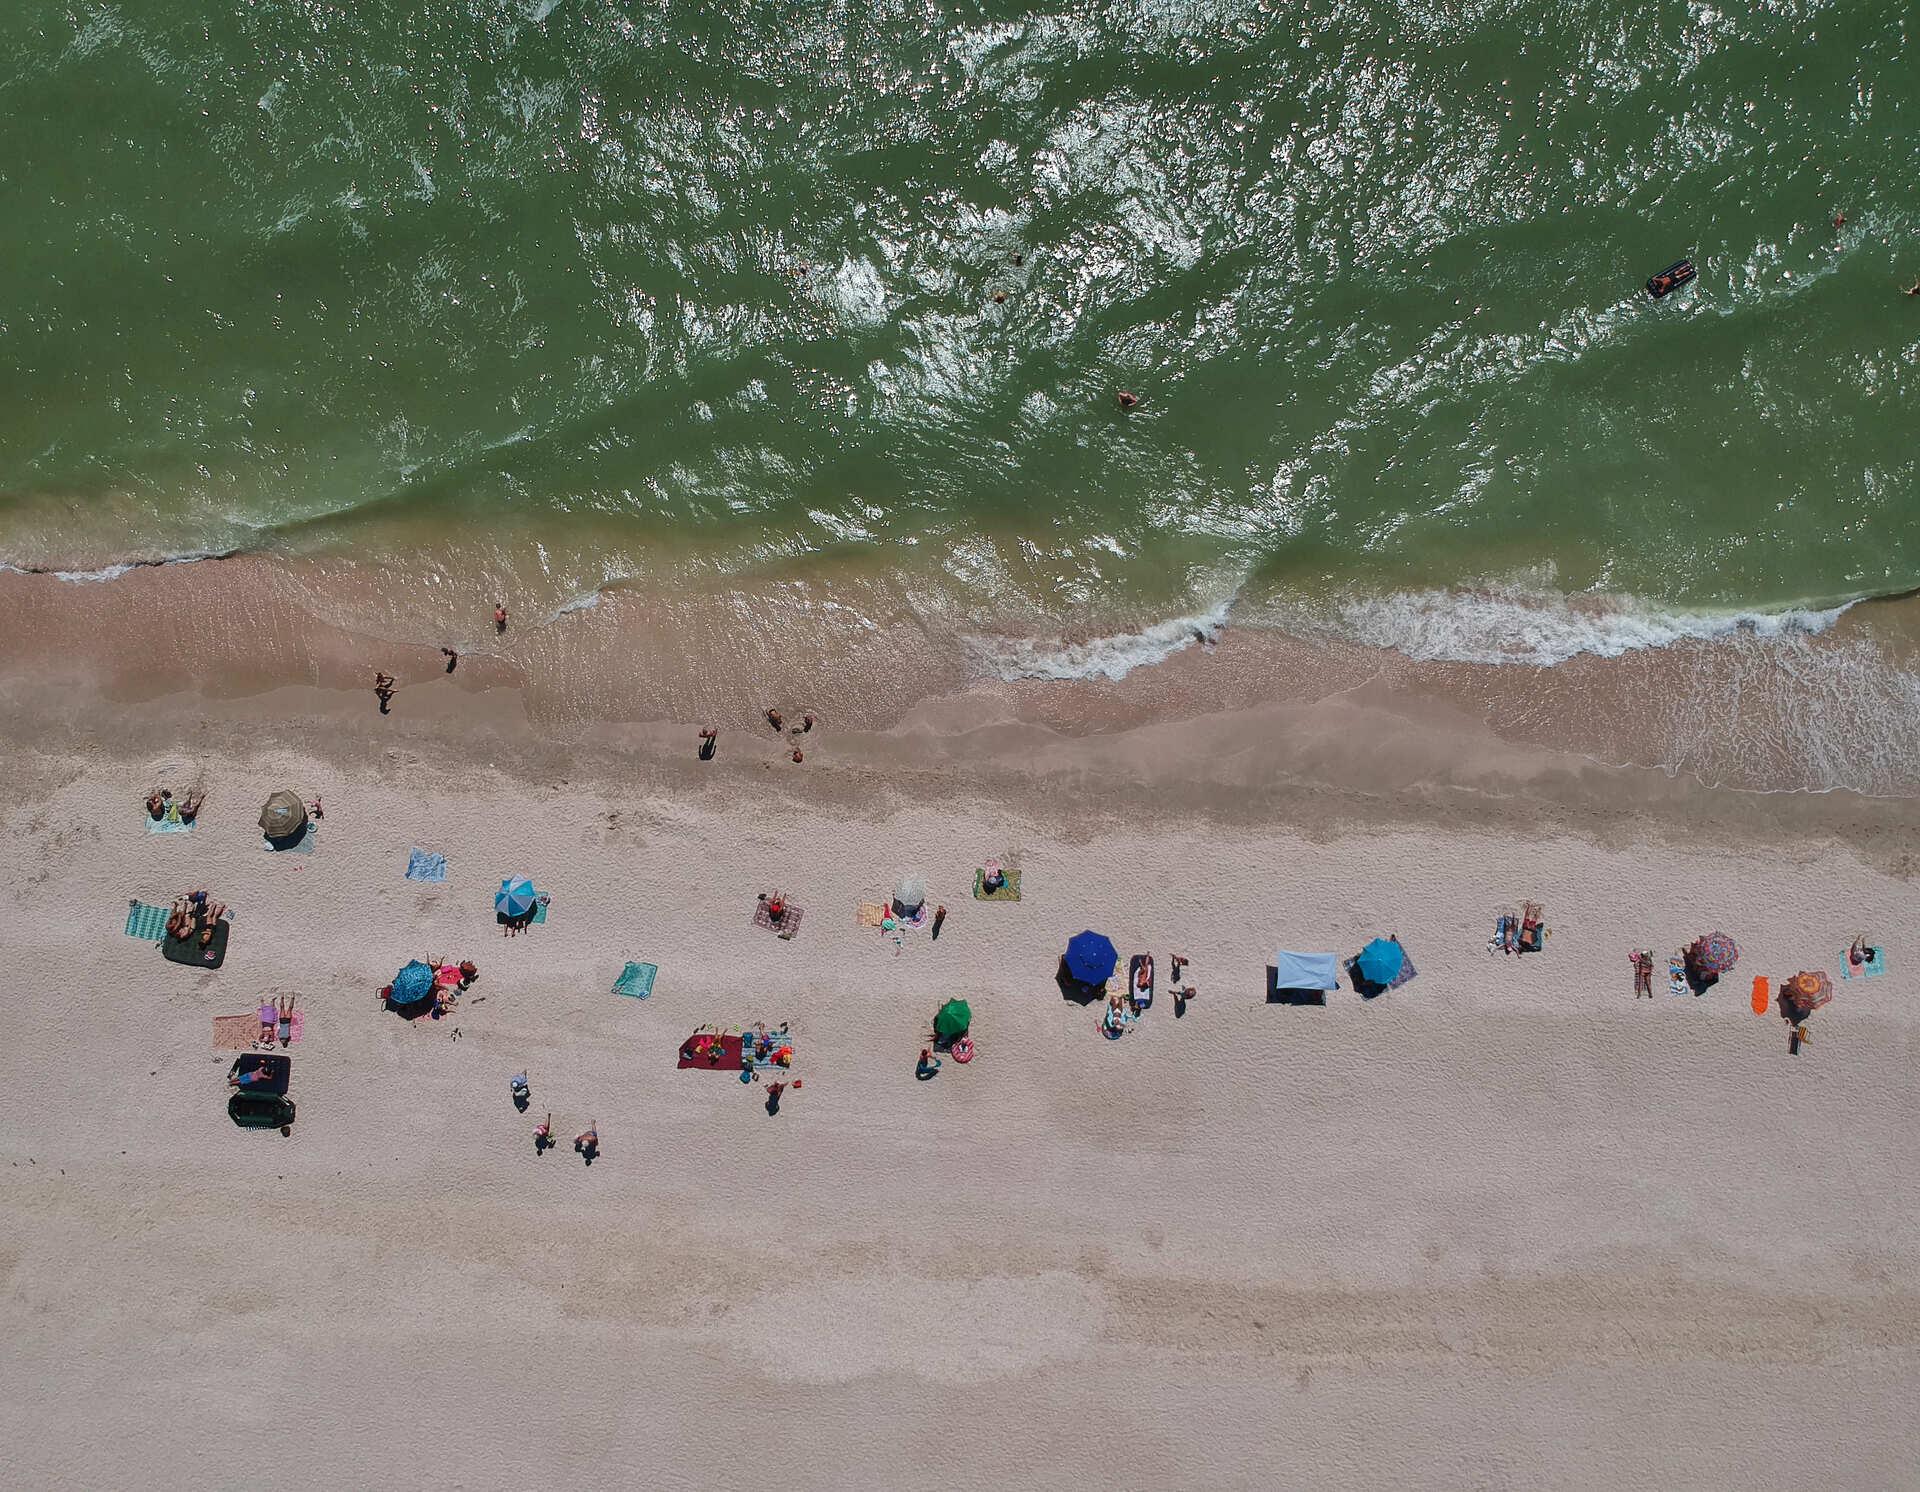 Відпочивальники на пляжі на Федотовій косі, Приазов'я. 11 серпня 2020 року. Фото: Сергій Свердєлов.